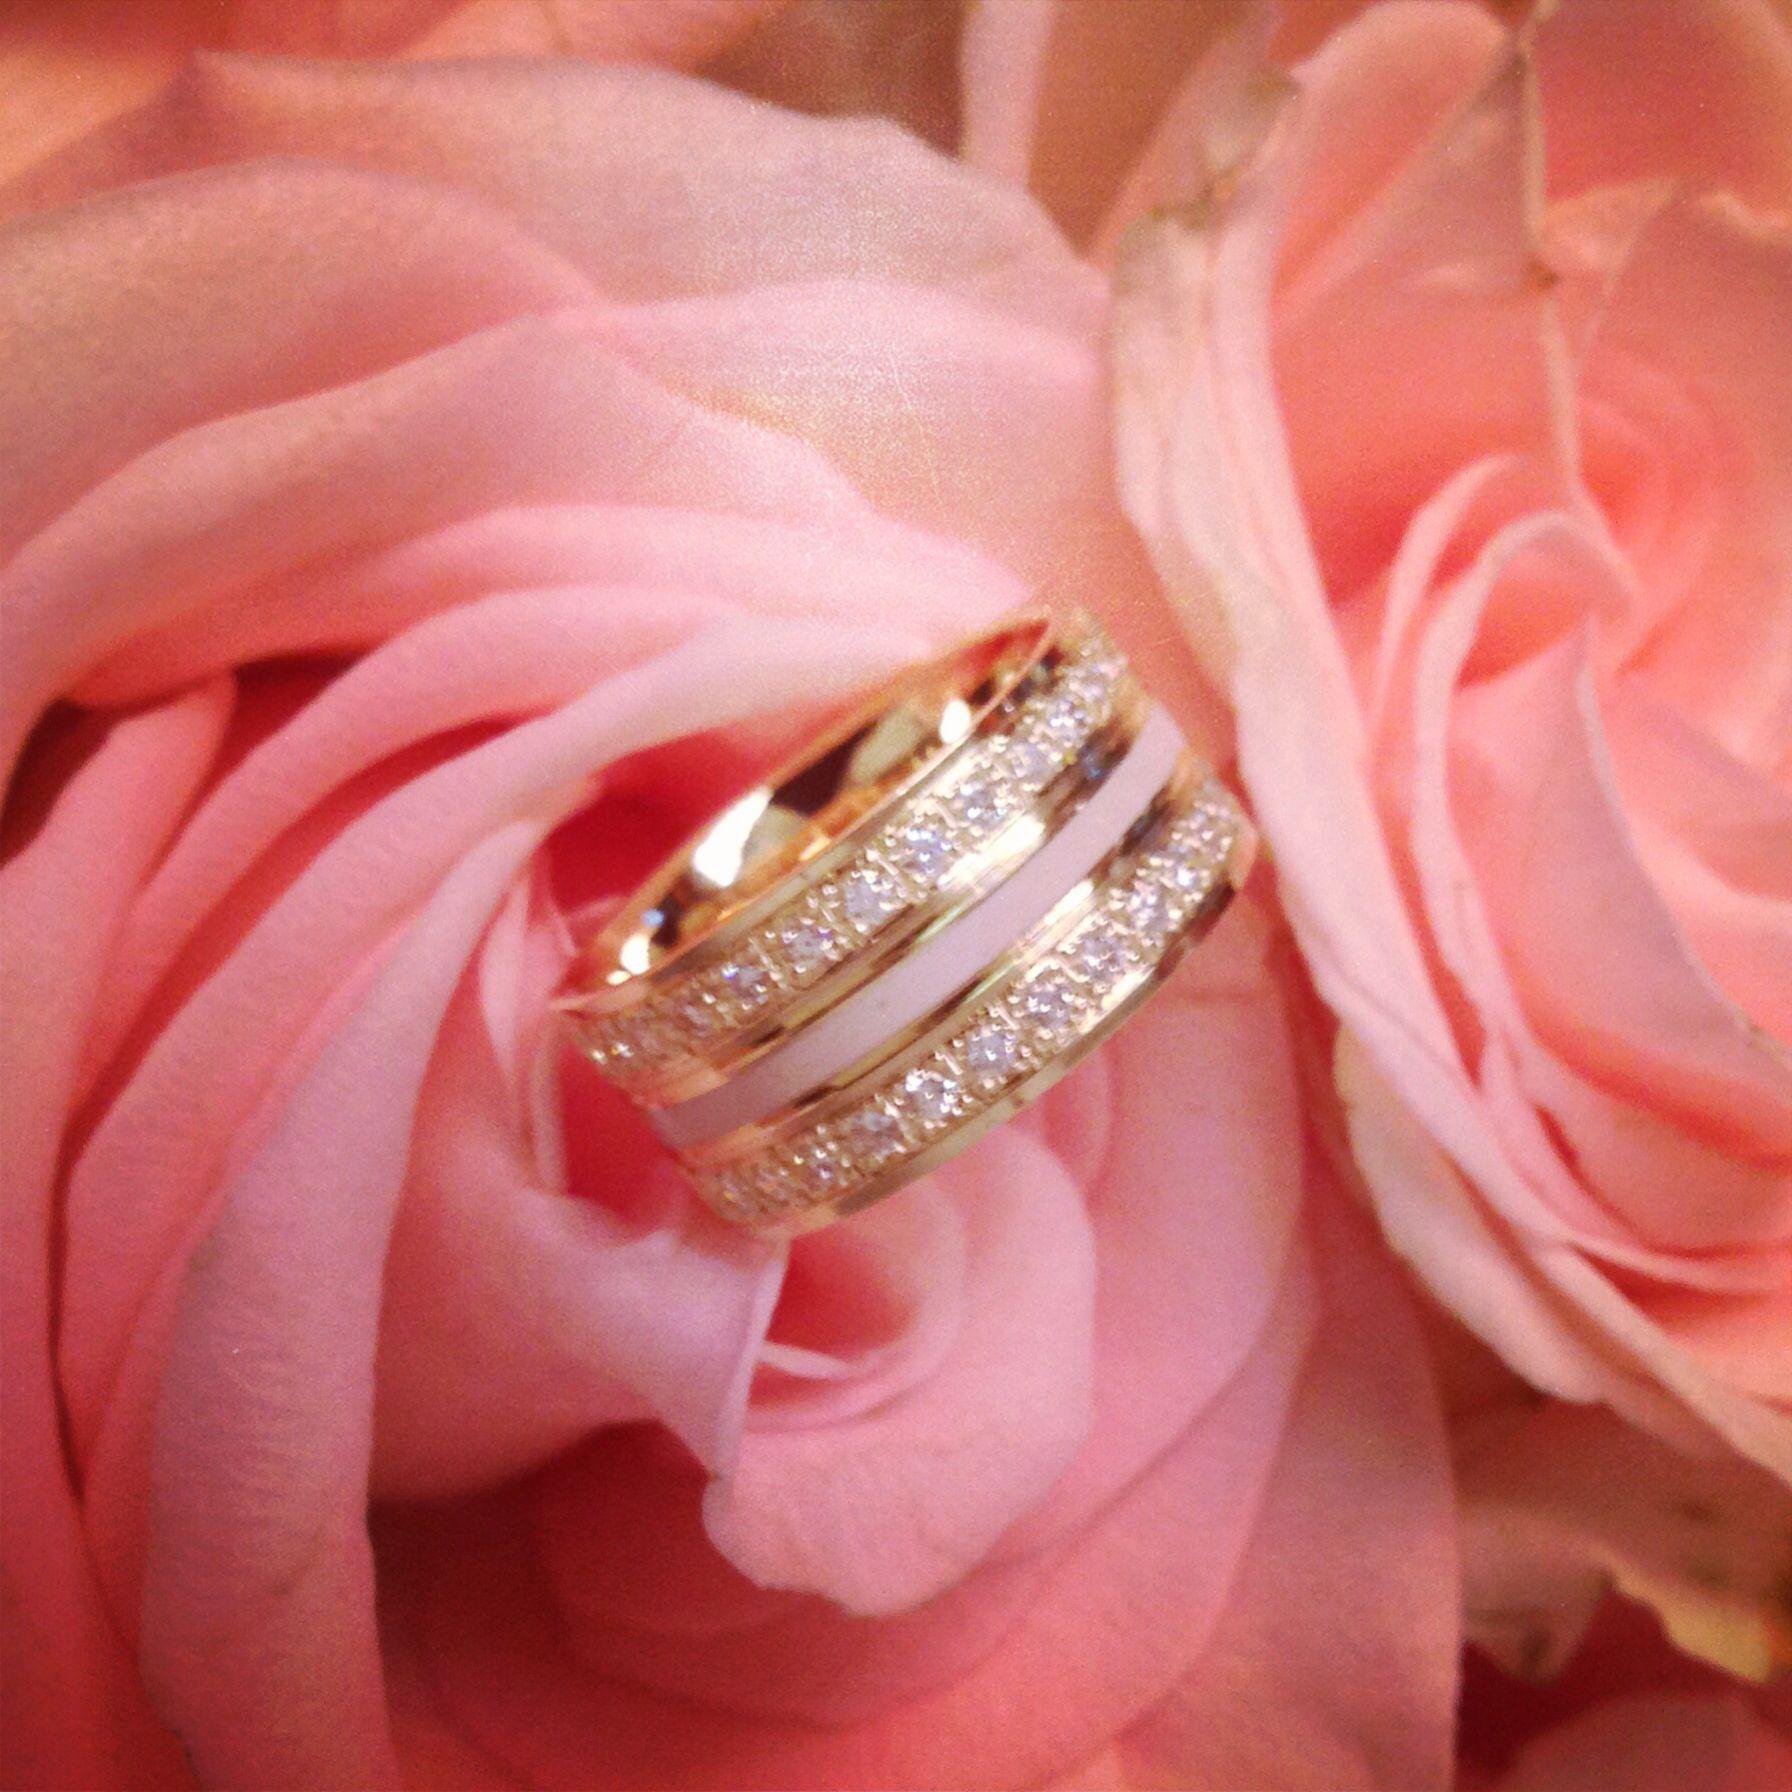 Wedding ring ceramic gold | ANILLOS DE COMPROMISO & ARGOLLAS DE ...